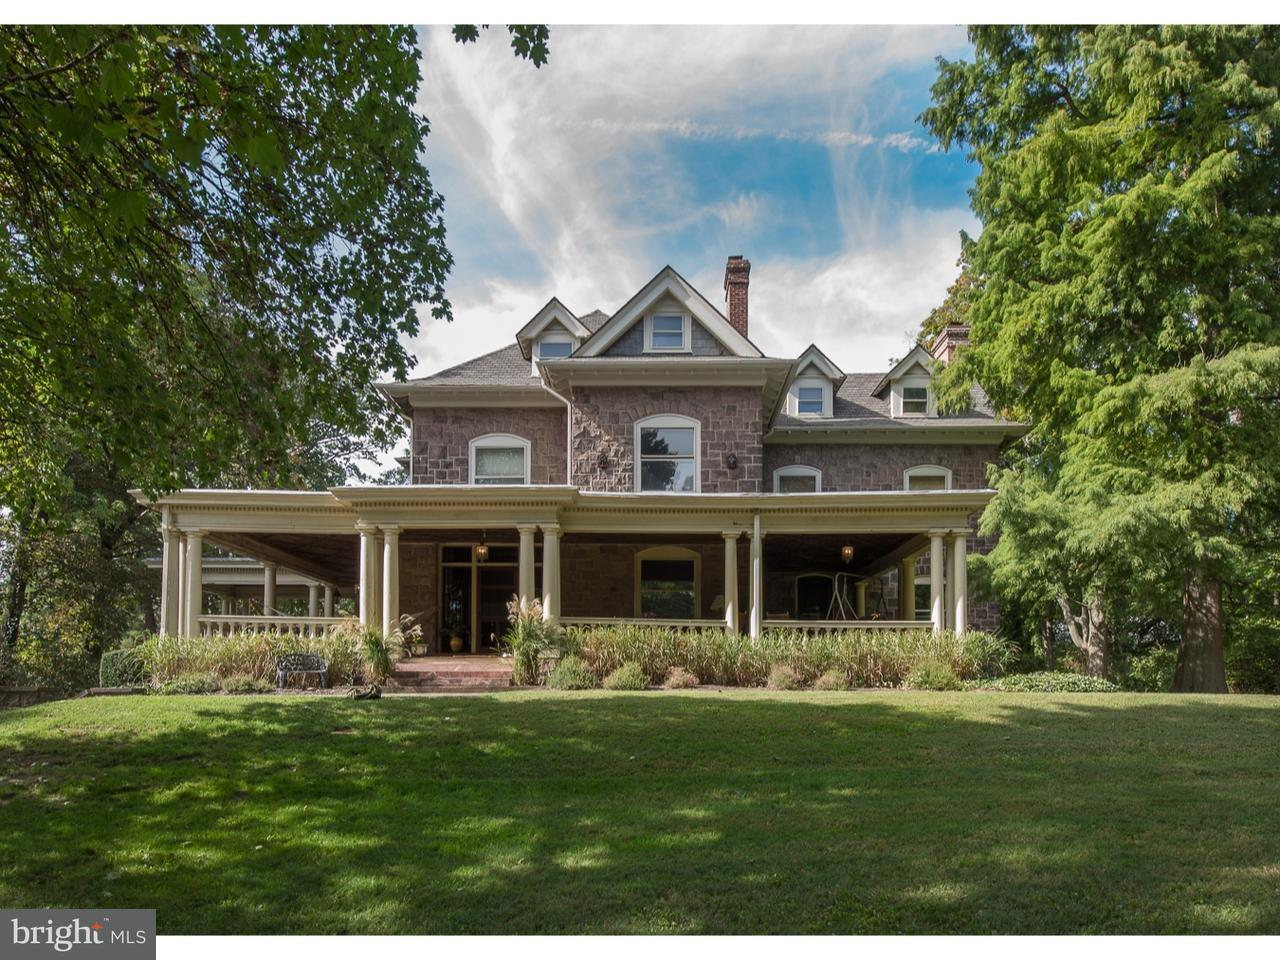 Частный односемейный дом для того Продажа на 437 N HIGHLAND Avenue Merion Station, Пенсильвания 19066 Соединенные Штаты